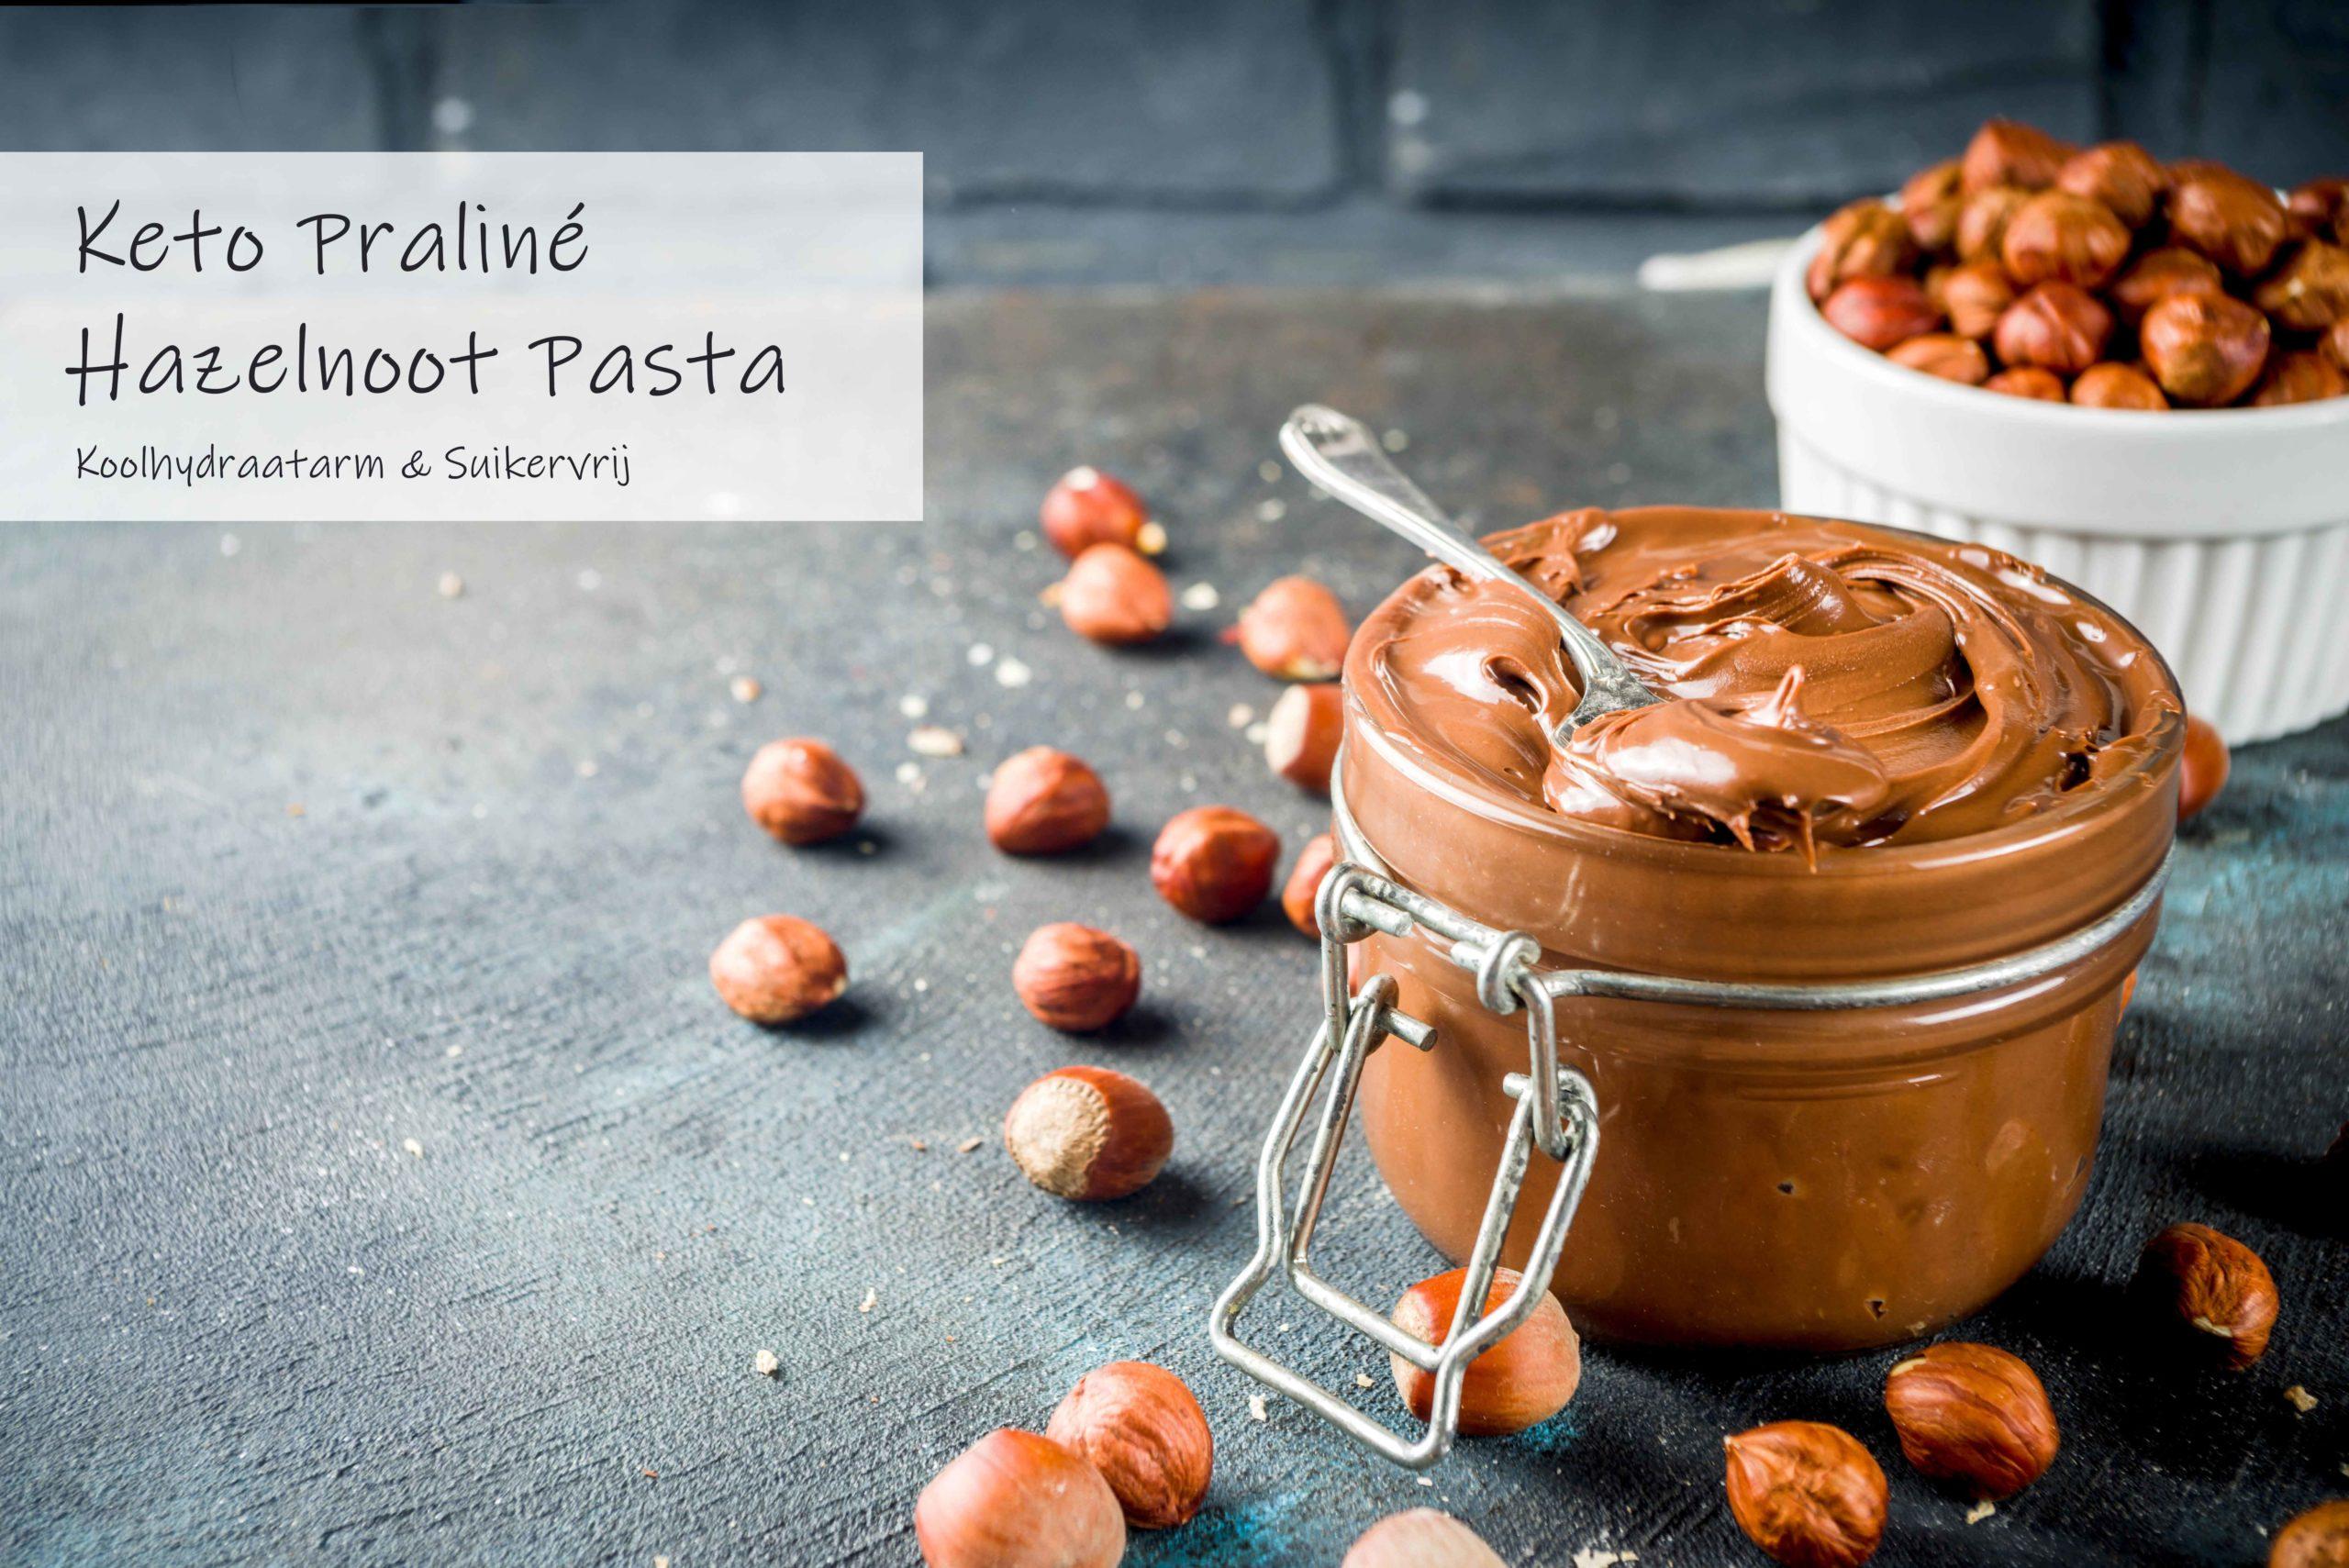 Keto Praliné Hazelnoot choco pasta suikervrij en koolhydraatarm